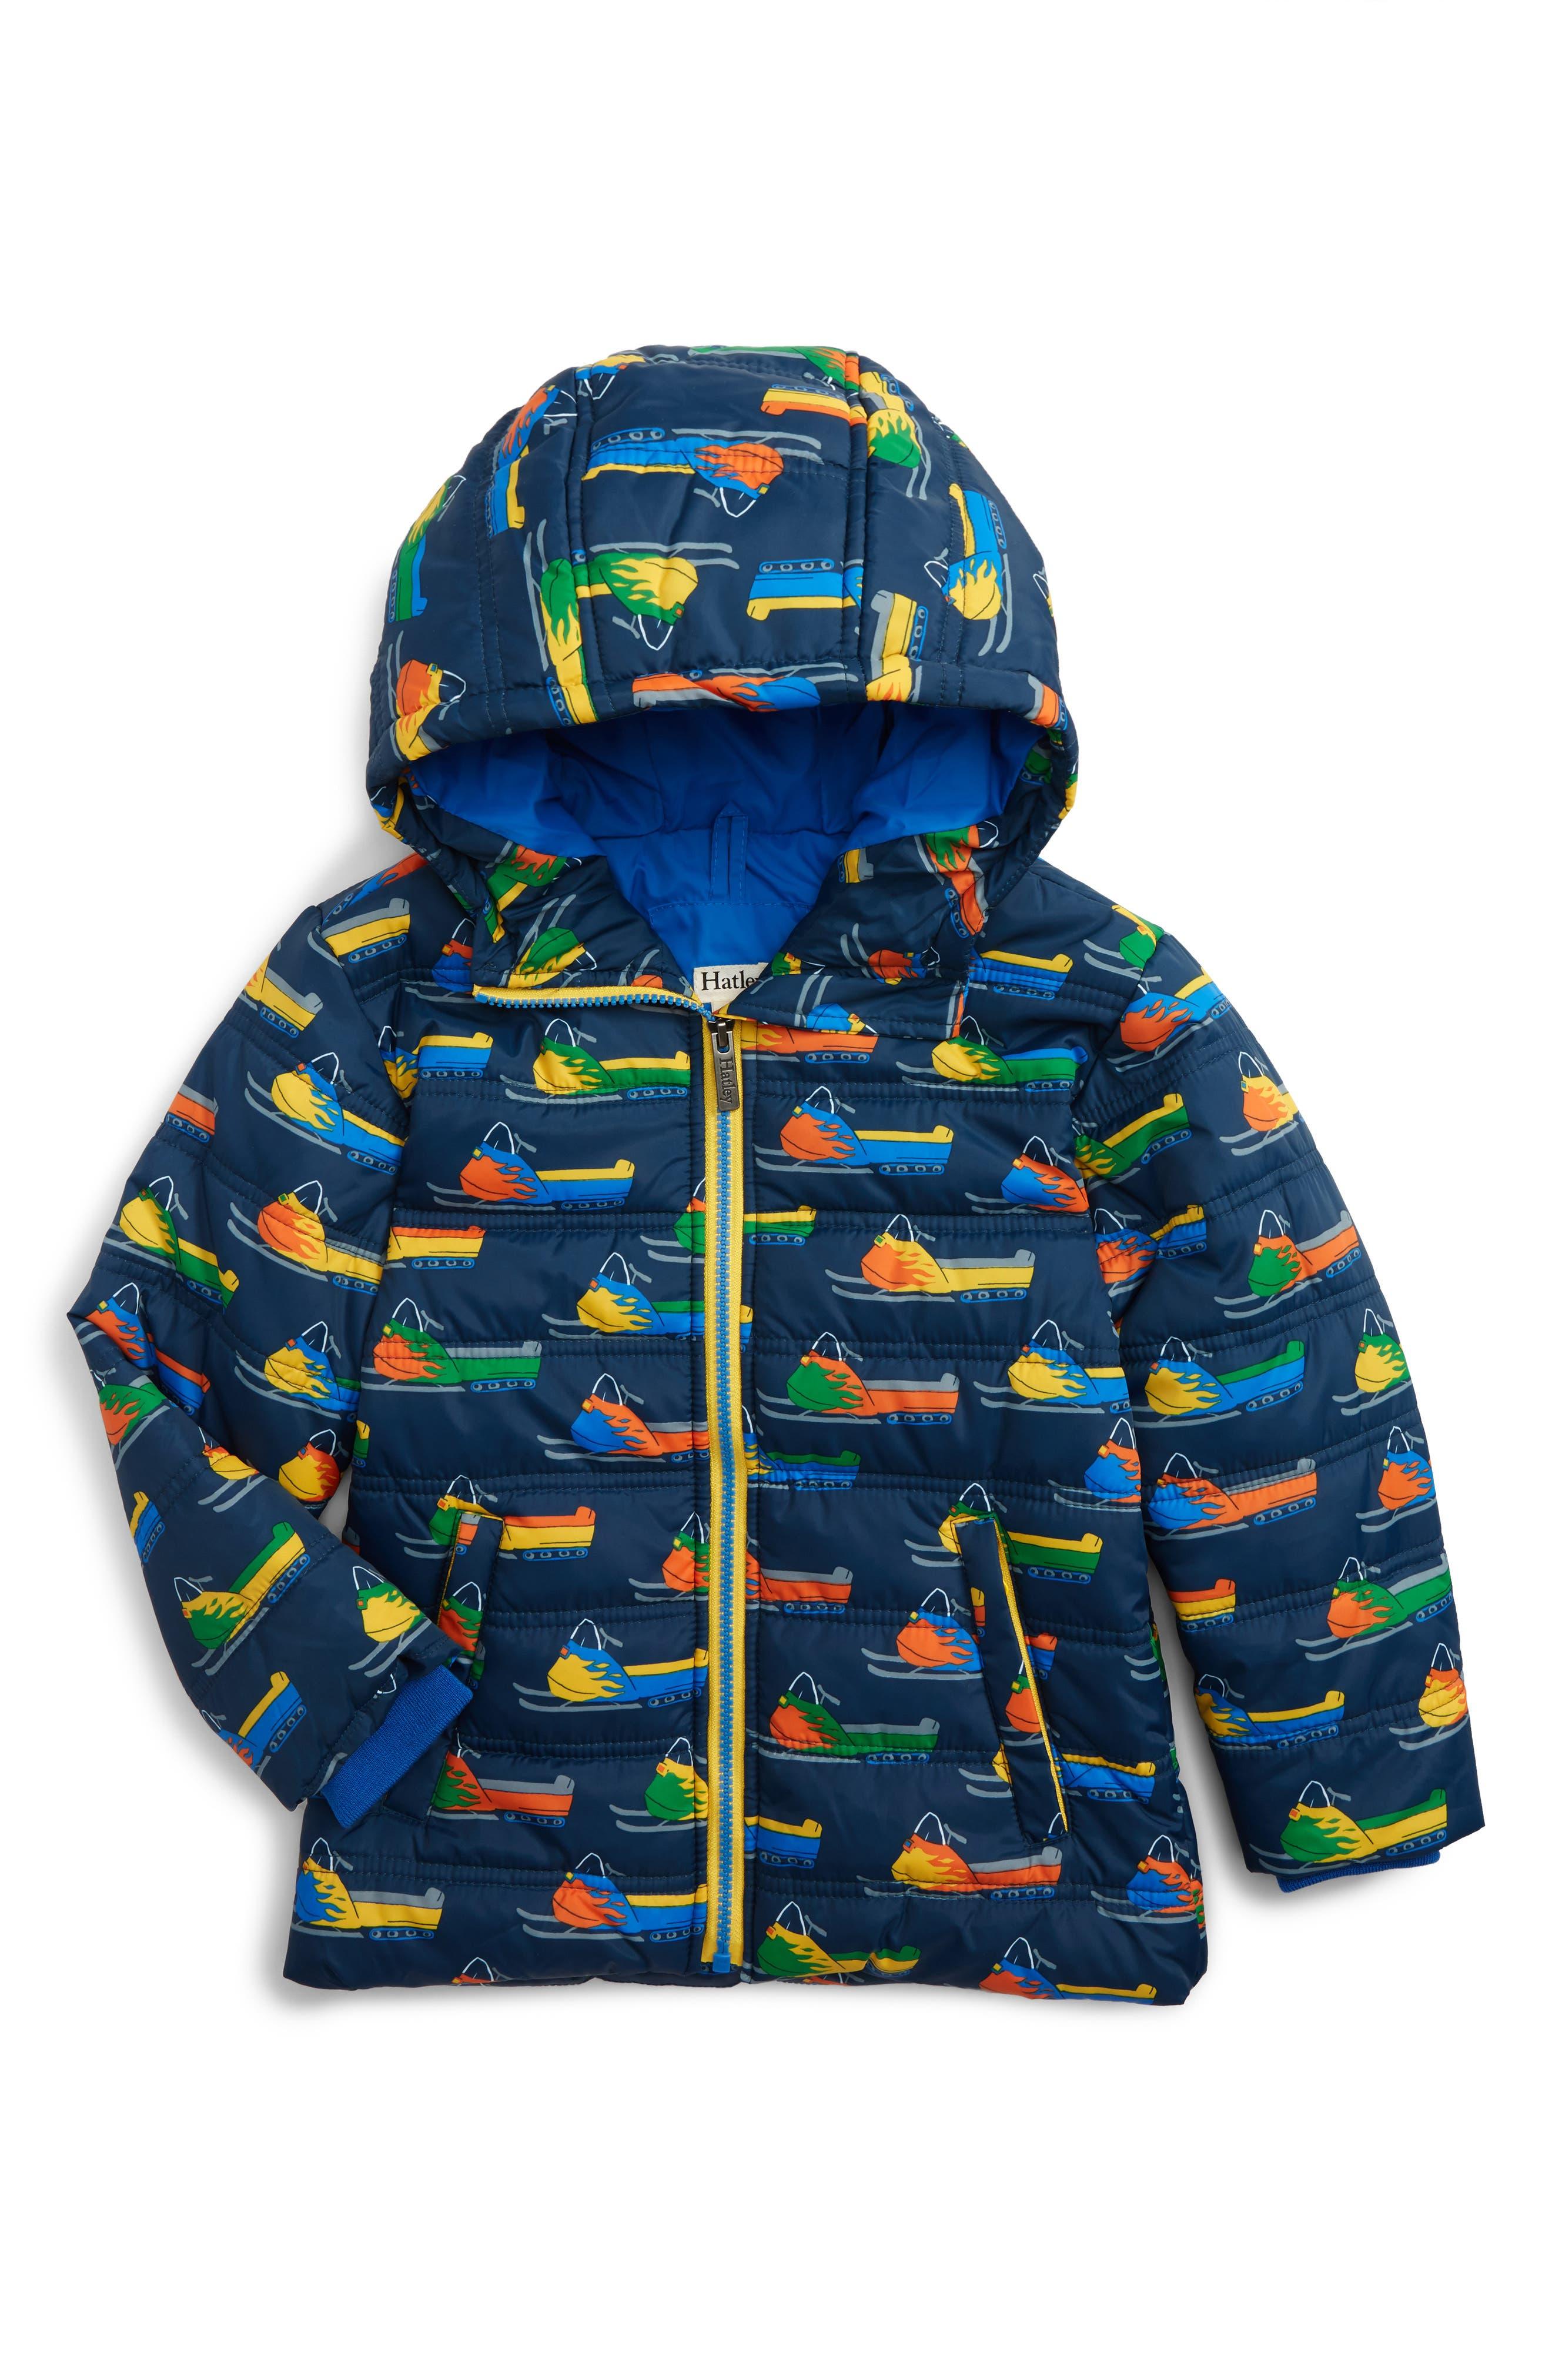 Bobsled Print Puffer Jacket,                             Main thumbnail 1, color,